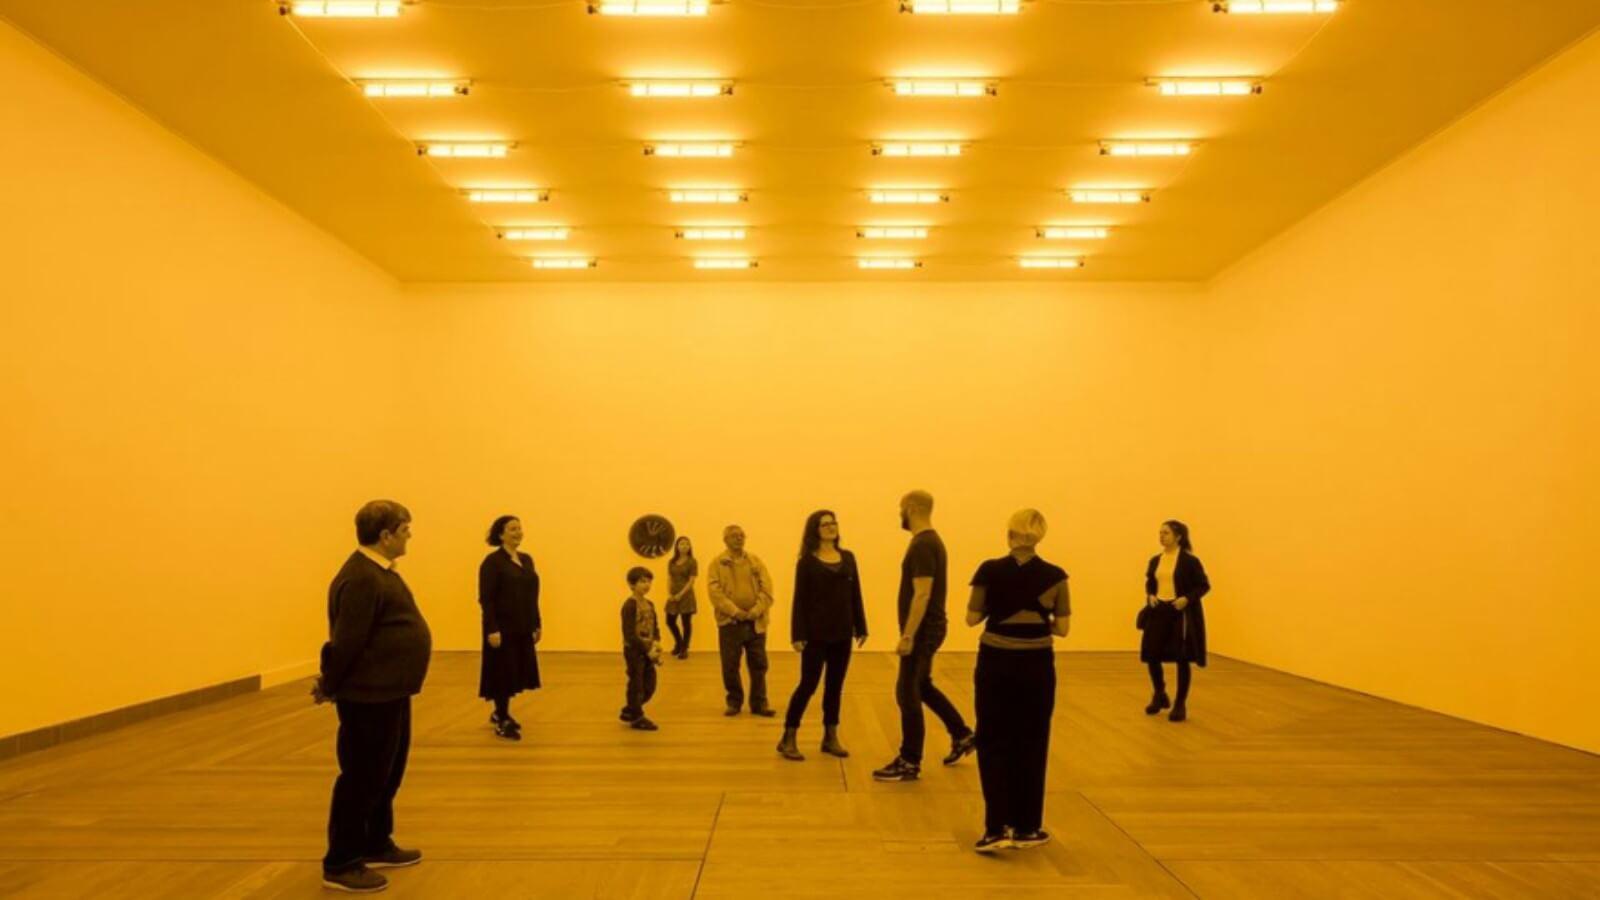 La realidad cuestionada desde la monocromía, instalación de Olafur Eliasson